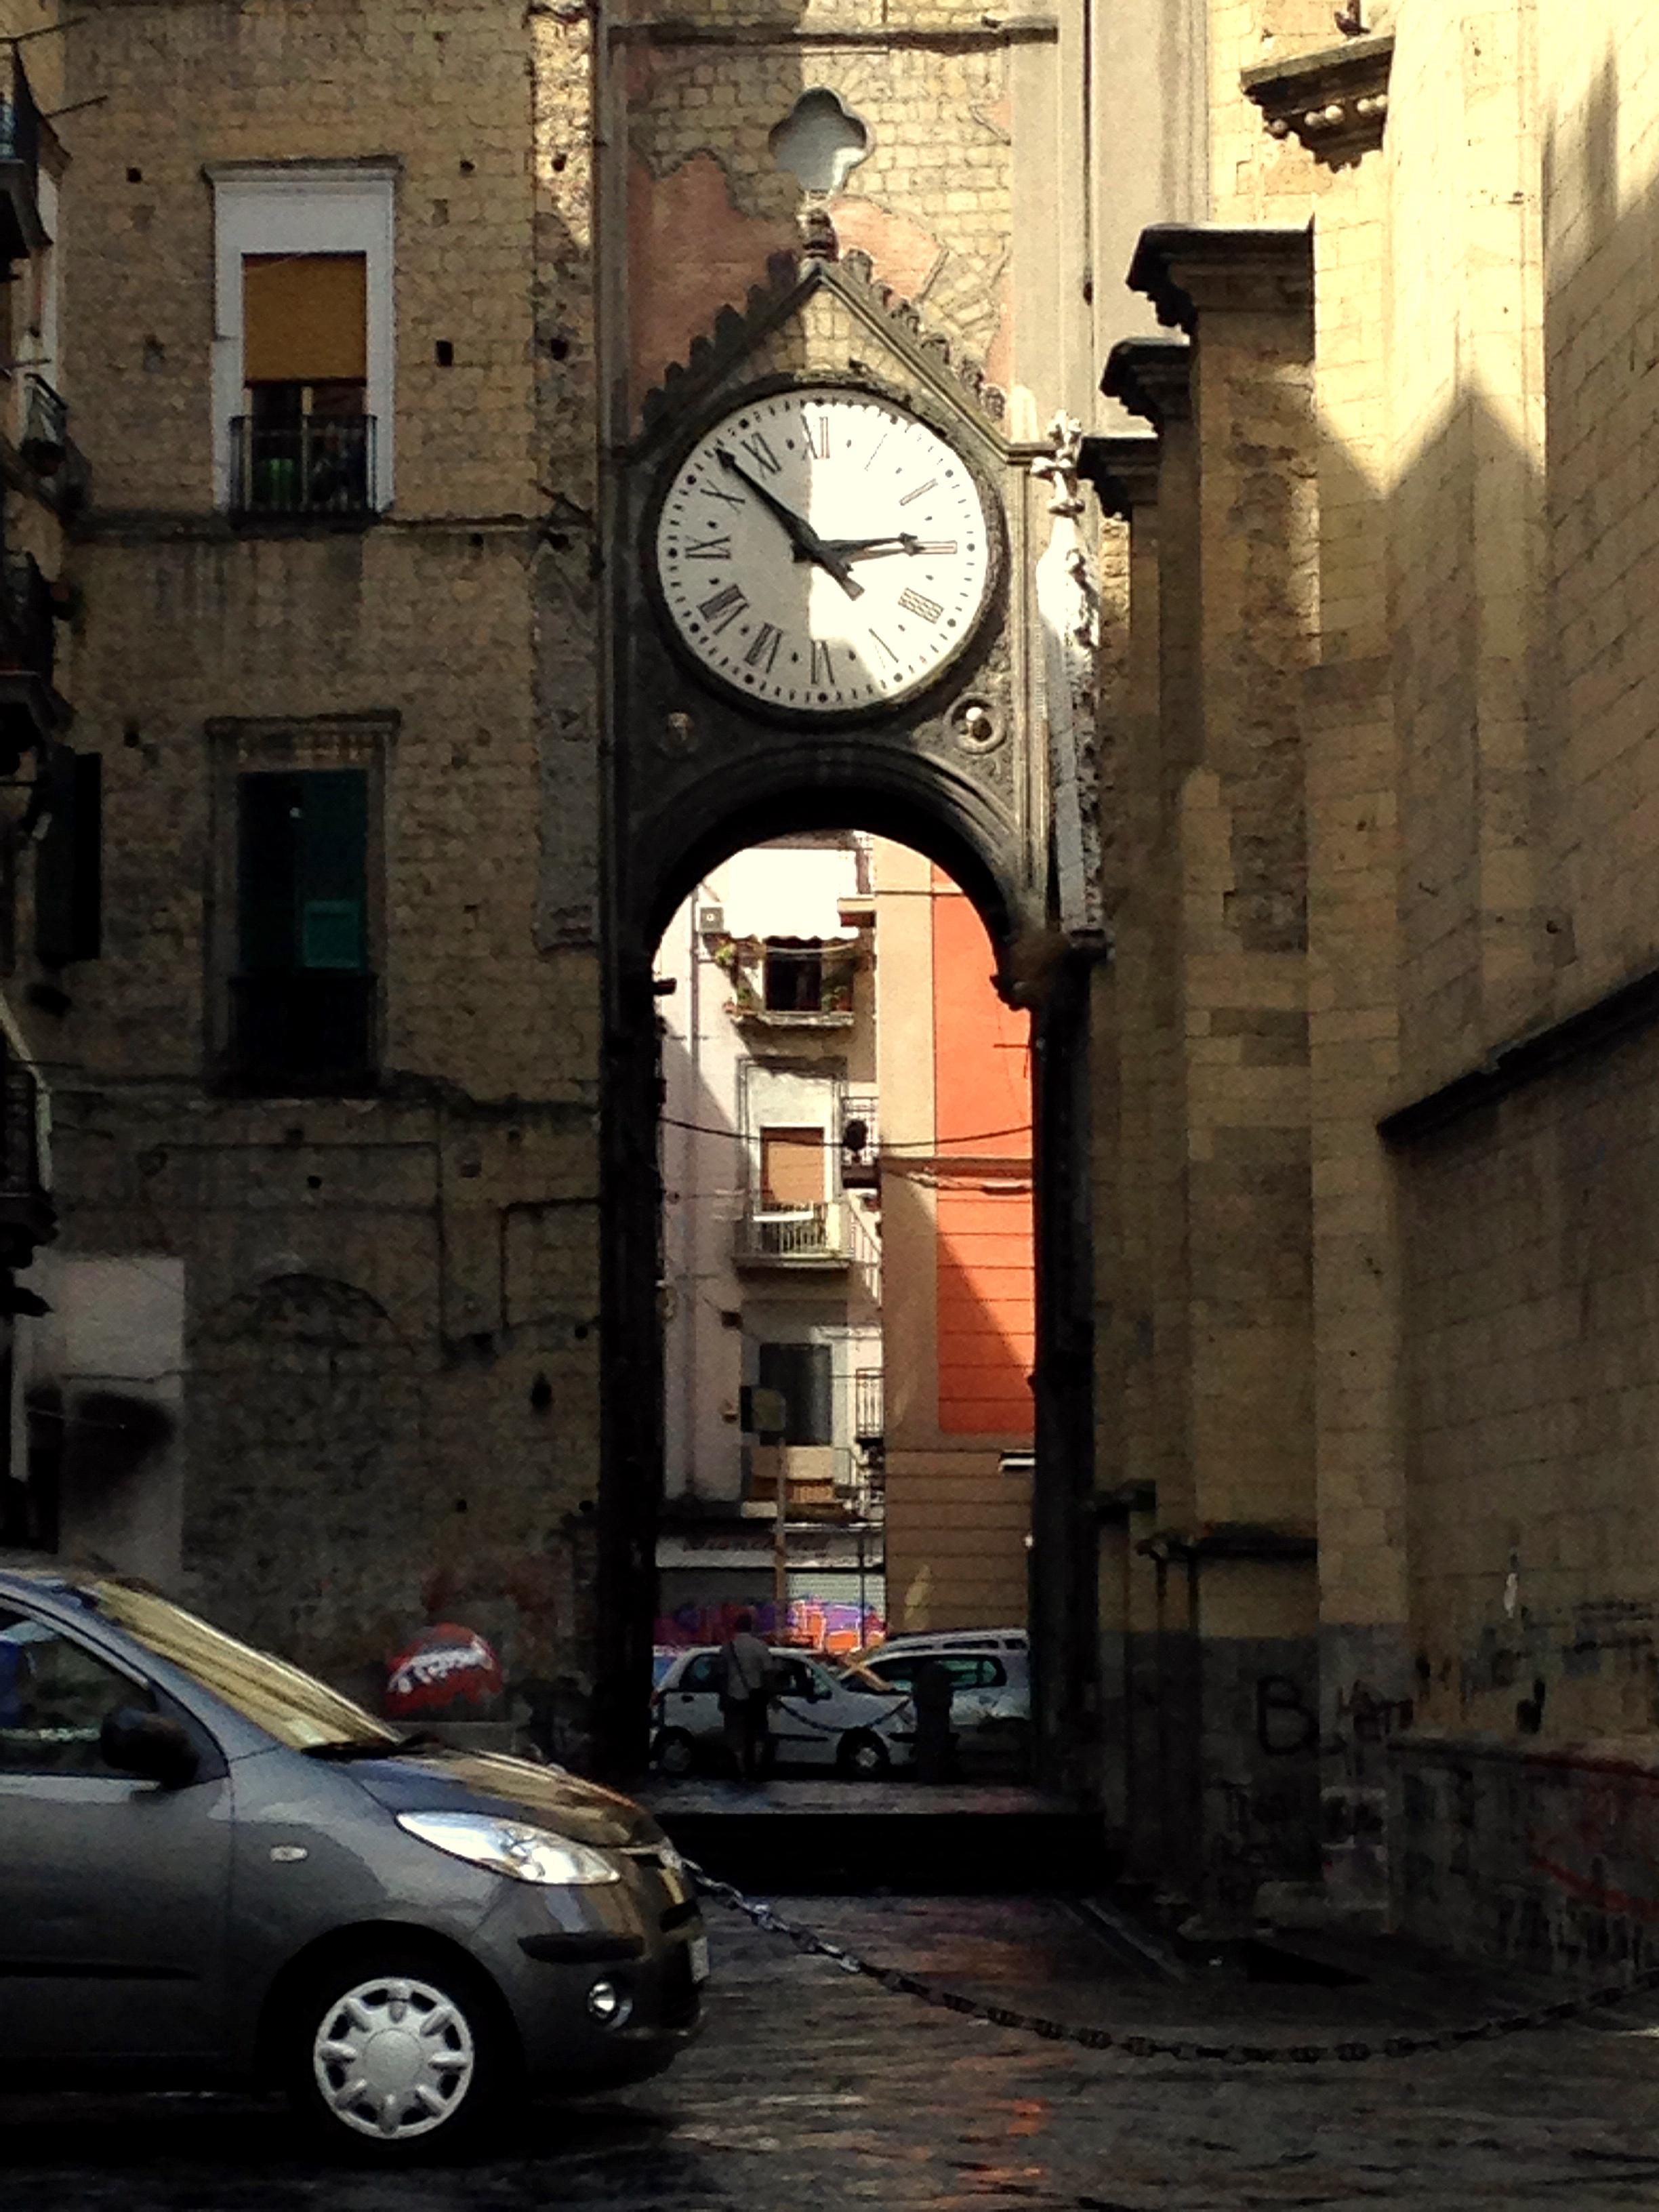 Une horloge ancienne en plein coeur de Naples - Crédit Nelly Gabriel